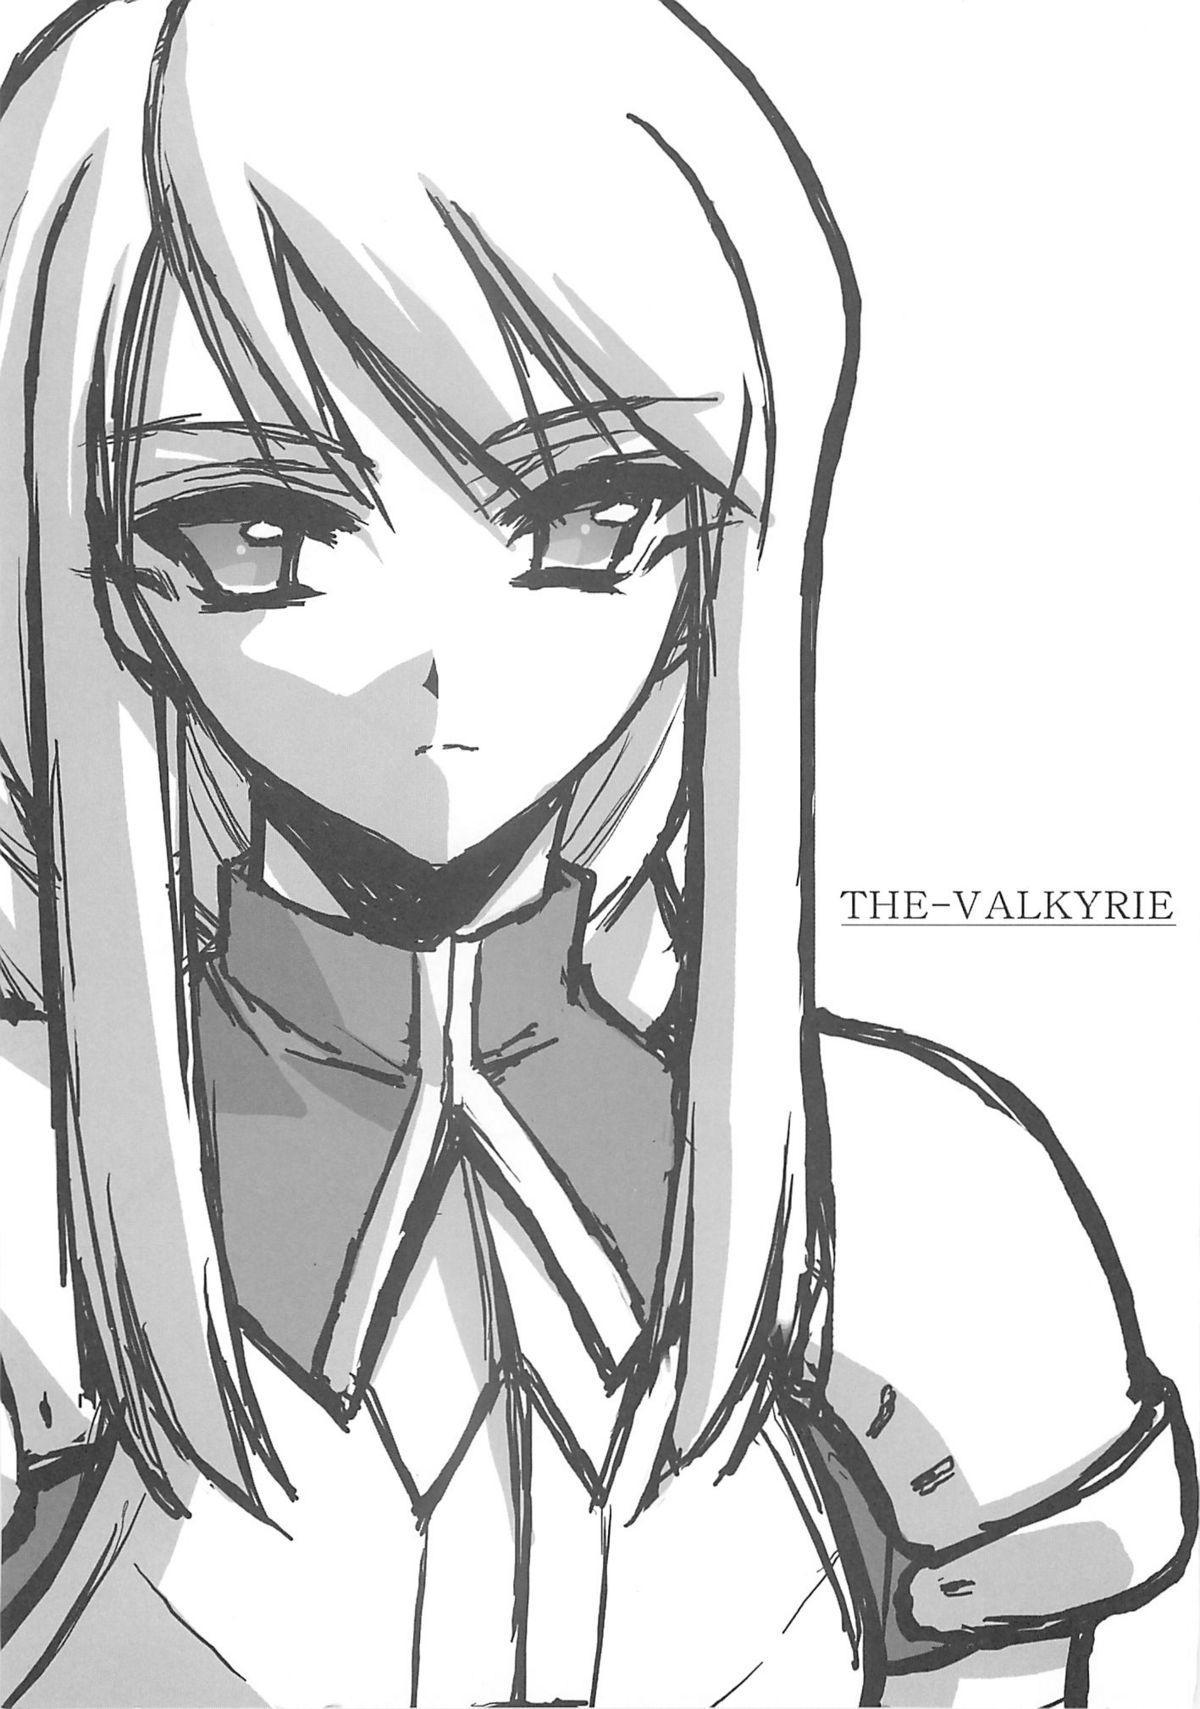 THE-VALKYRIE 3